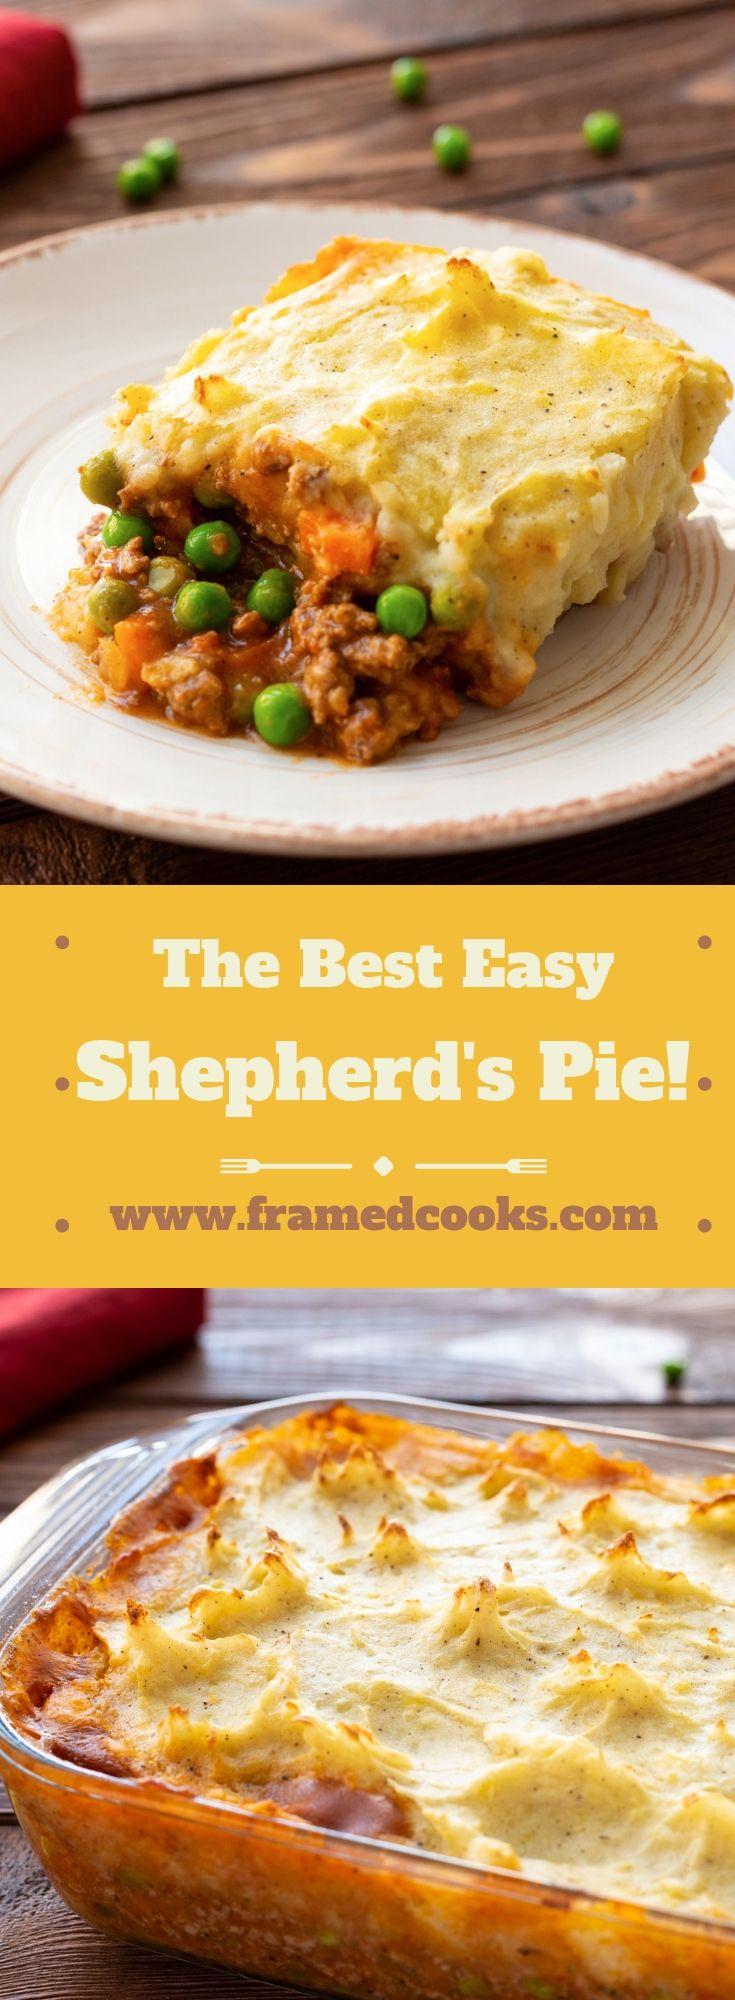 Shepherd's Pie images